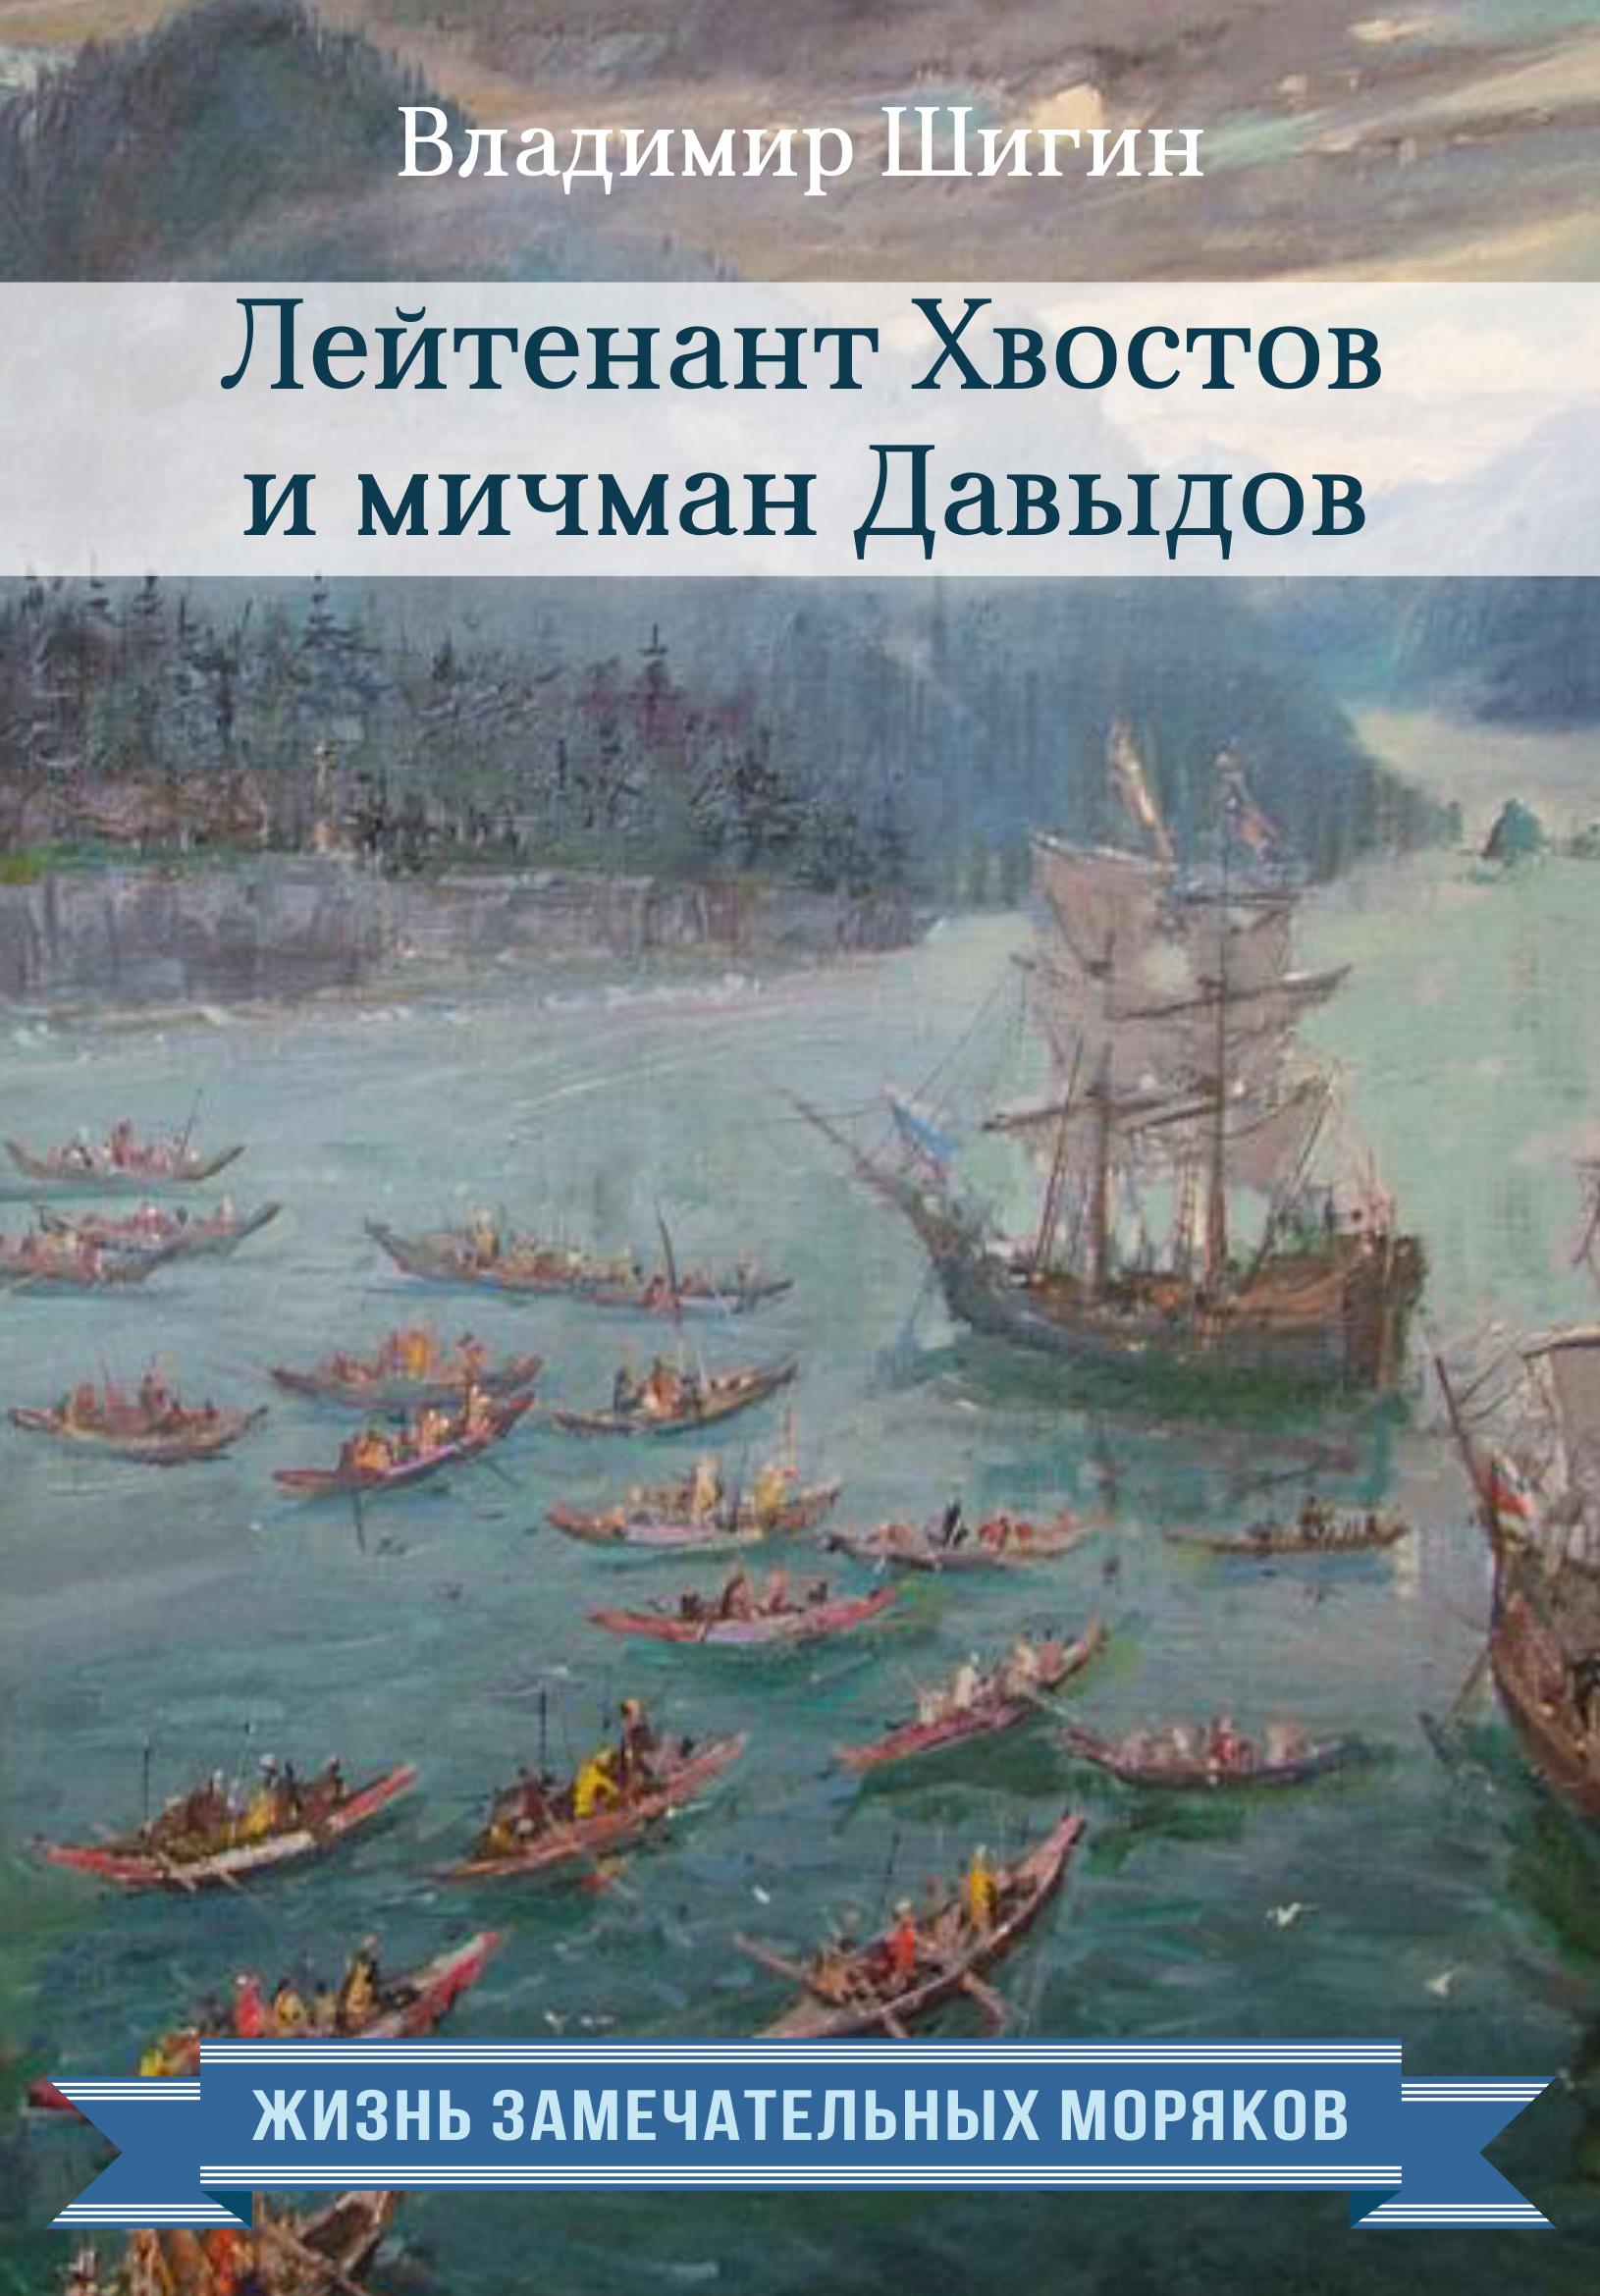 leytenant khvostov i michman davydov